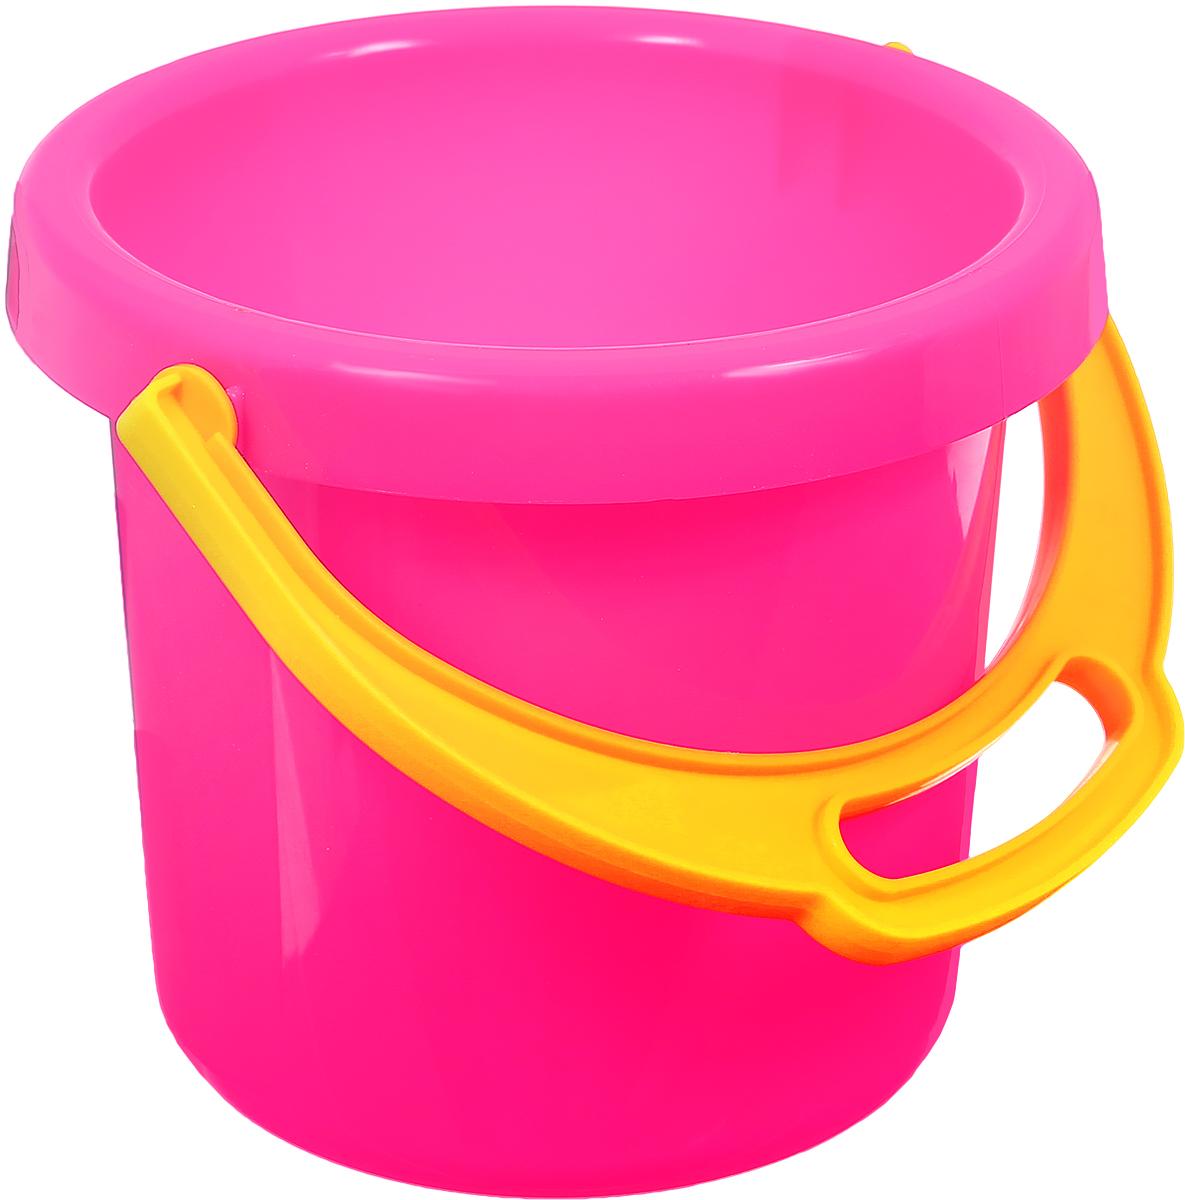 Stellar Ведро цвет розовый 1,4 л1222_розовыйДетское ведро Stellar привлечет внимание вашего ребенка и станет незаменимым аксессуаром его игр в песочнице. Ведро выполнено из безопасного материала, с помощью которого ребенок сможет переносить песок и воду, лепить замки и многое другое. С таким аксессуаром игры на свежем воздухе принесут вашему малышу одно удовольствие! Объем ведра: 1,4 л.